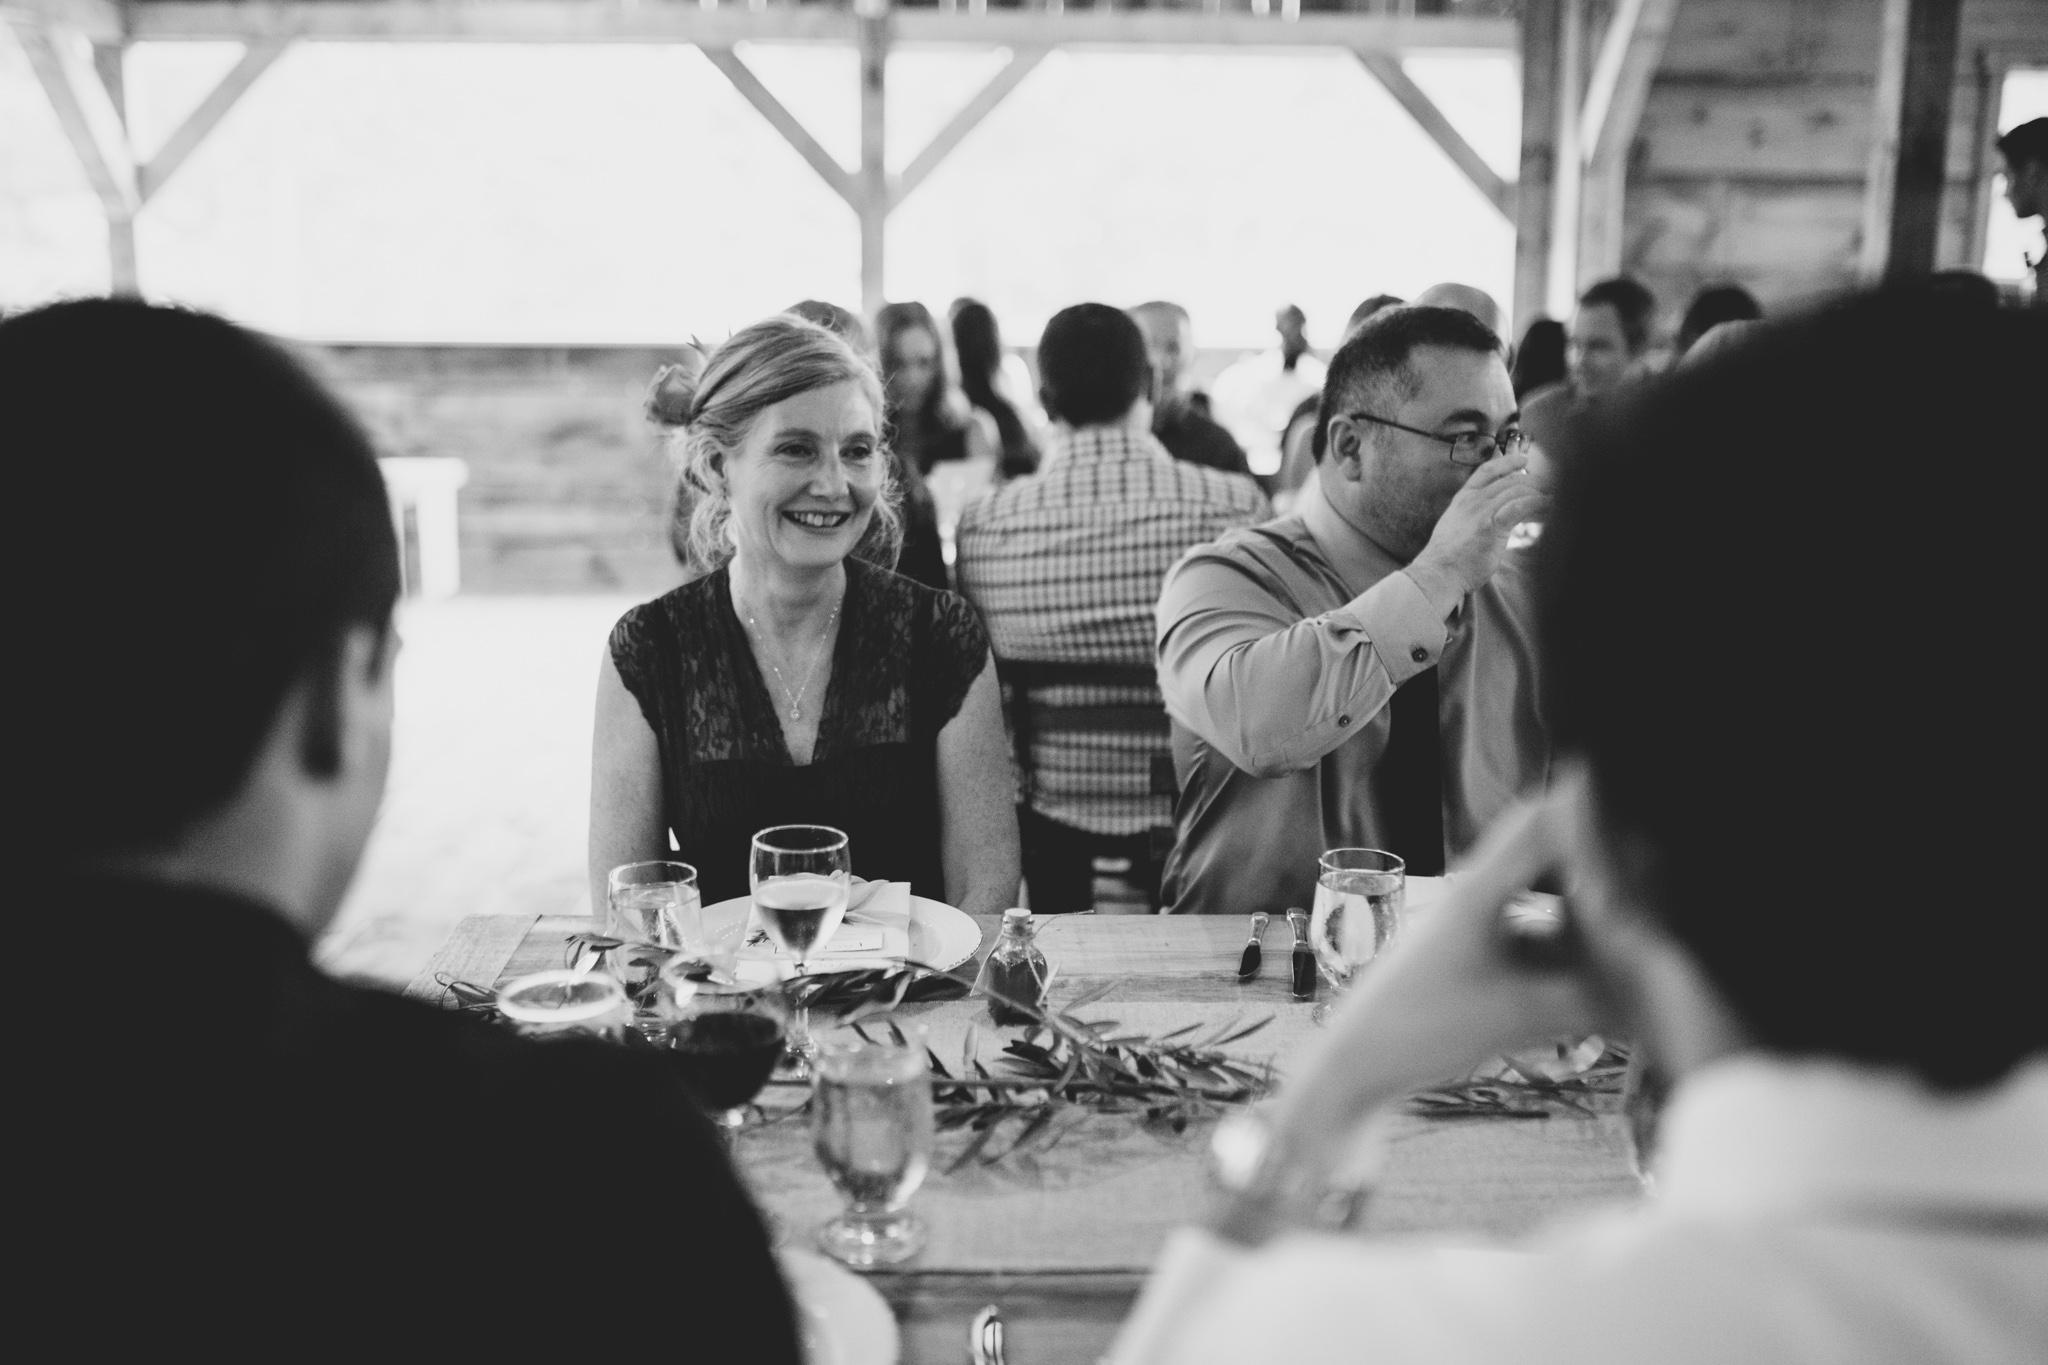 Candid Ottawa Wedding Photograph